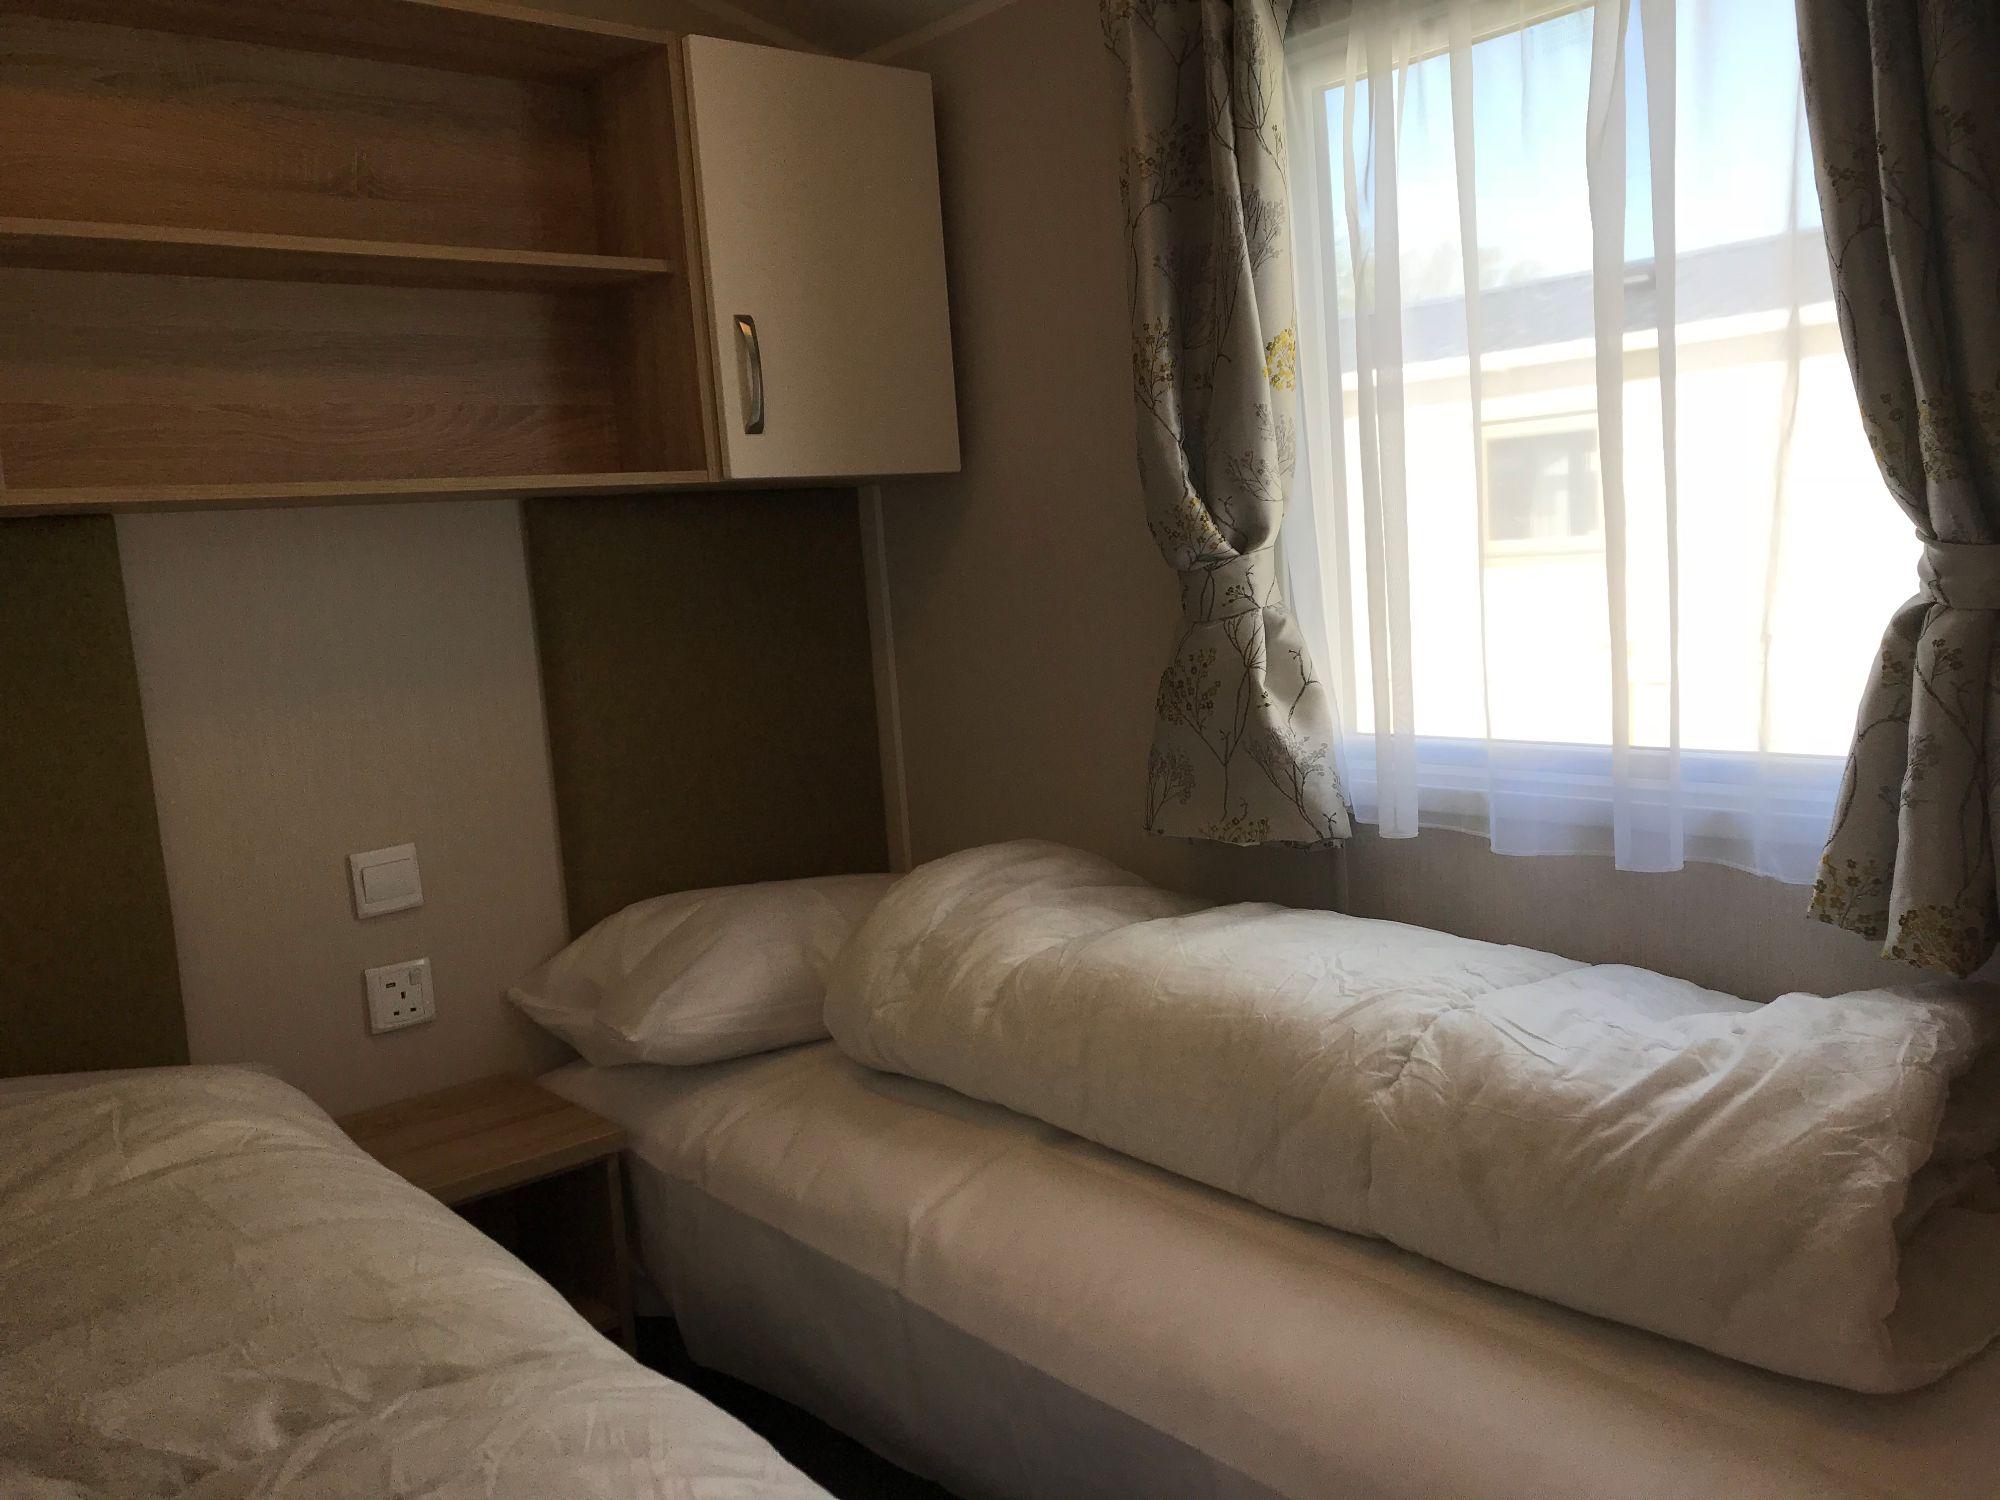 3 bedroom caravan hire butlins